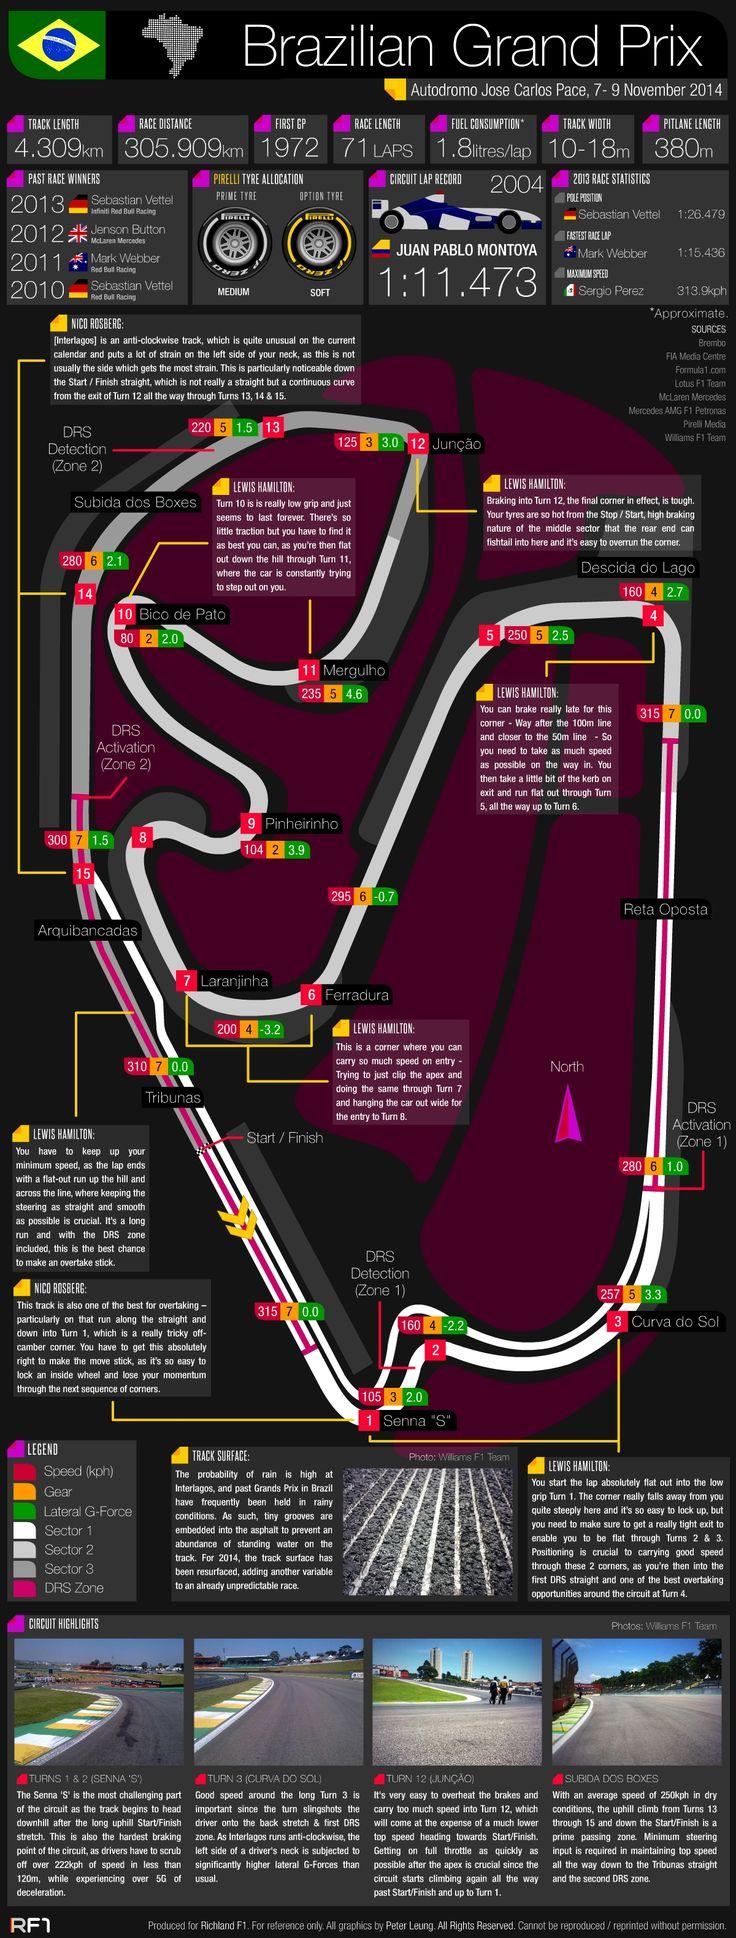 Grand Prix Guide - 2014 Brazilian Grand Prix #F1